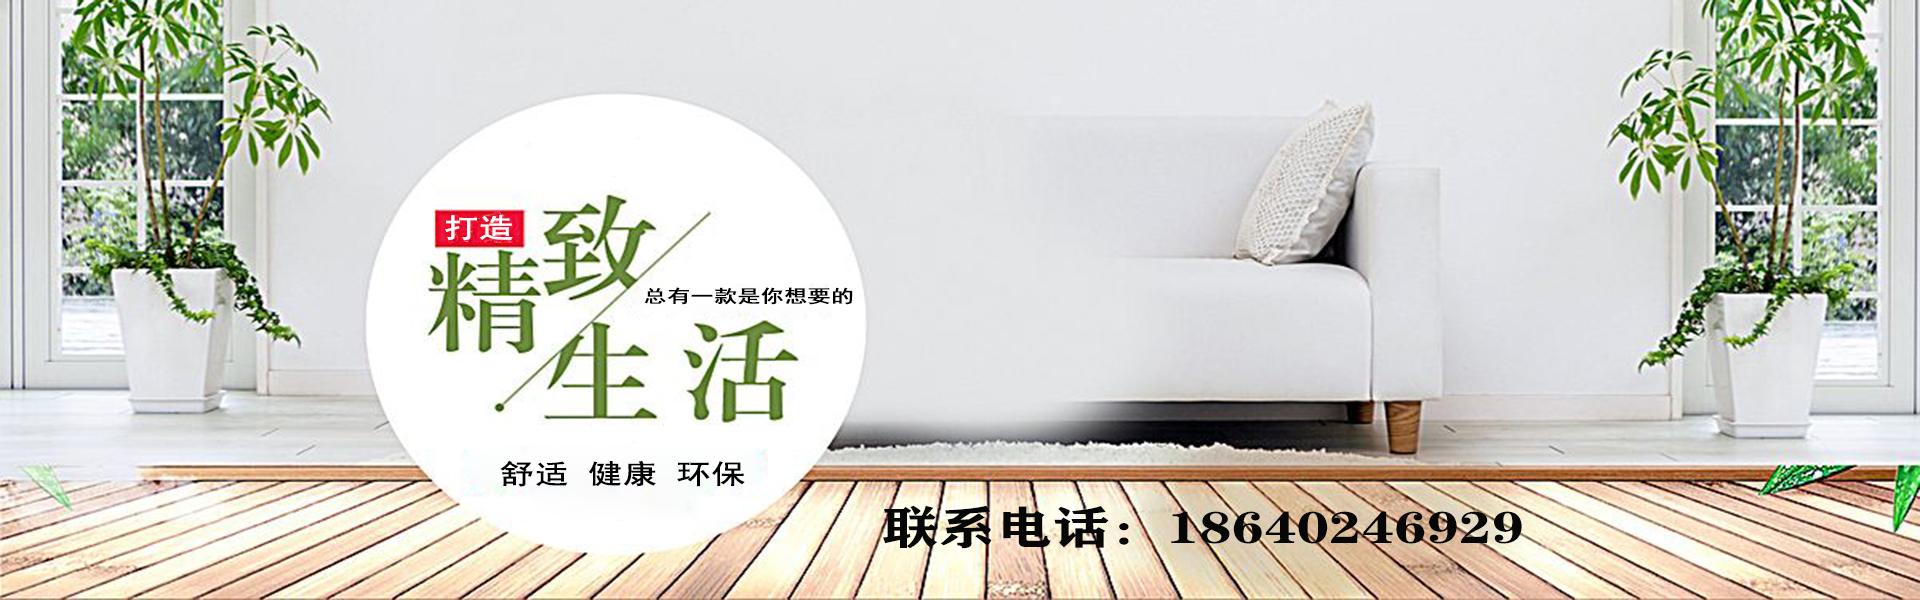 沈阳花卉租赁 沈阳绿植租摆 沈阳苗木价格 沈阳绿化工程